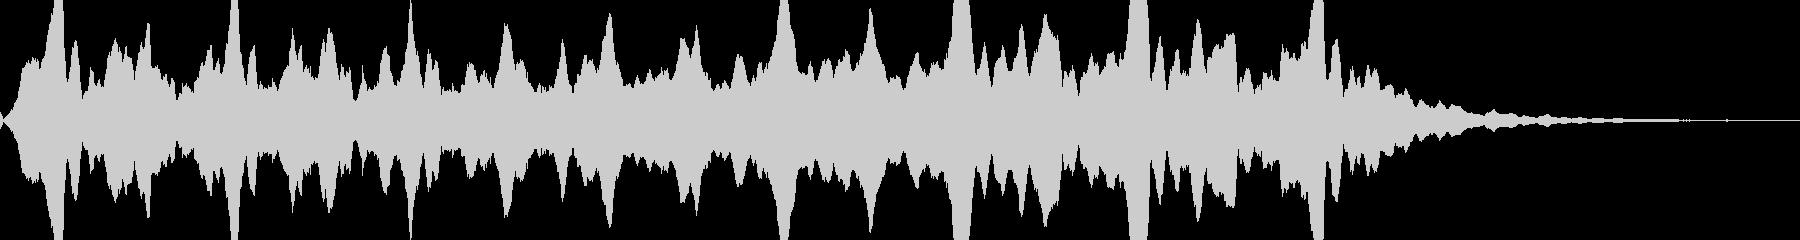 サイレン(警報・アラーム)の未再生の波形